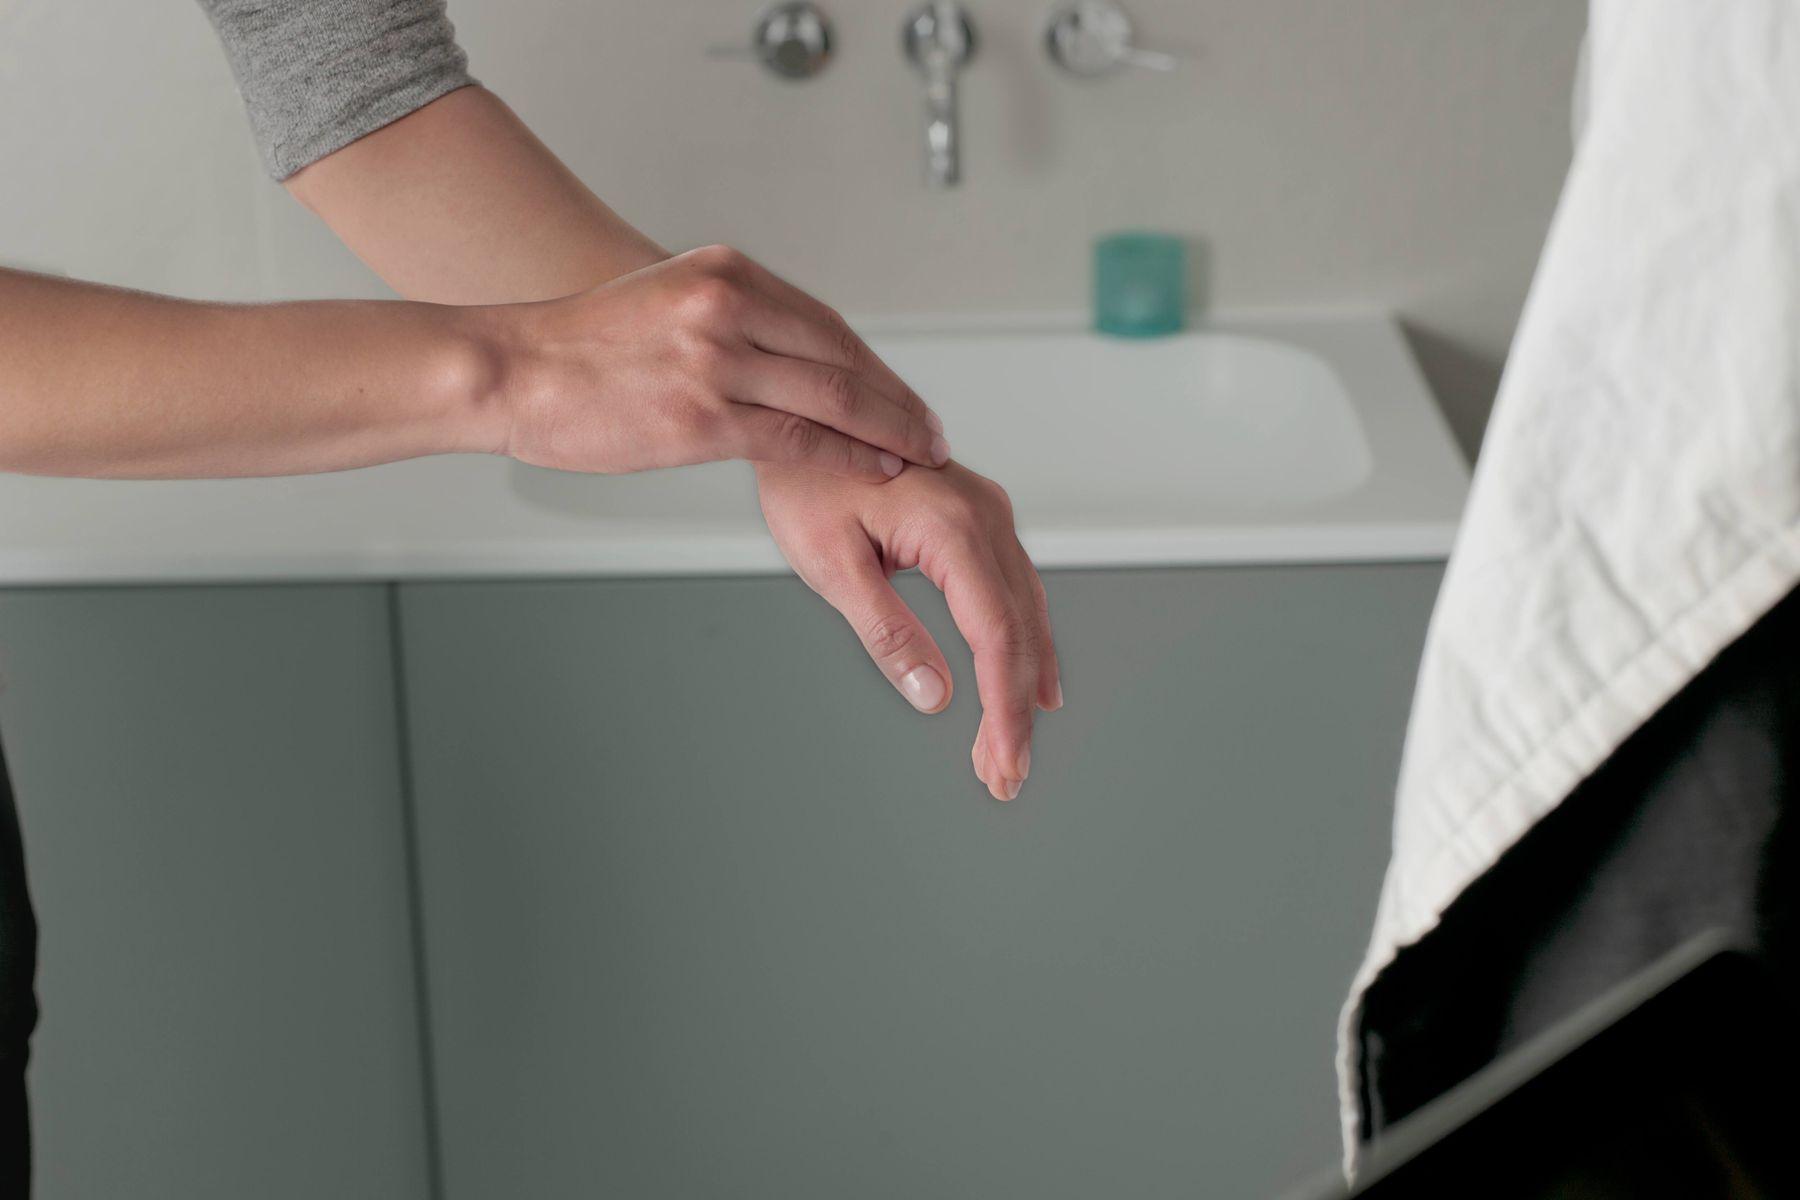 Da tay hay ra mồ hôi và ẩm ướt, phải chăm sóc thế nào?